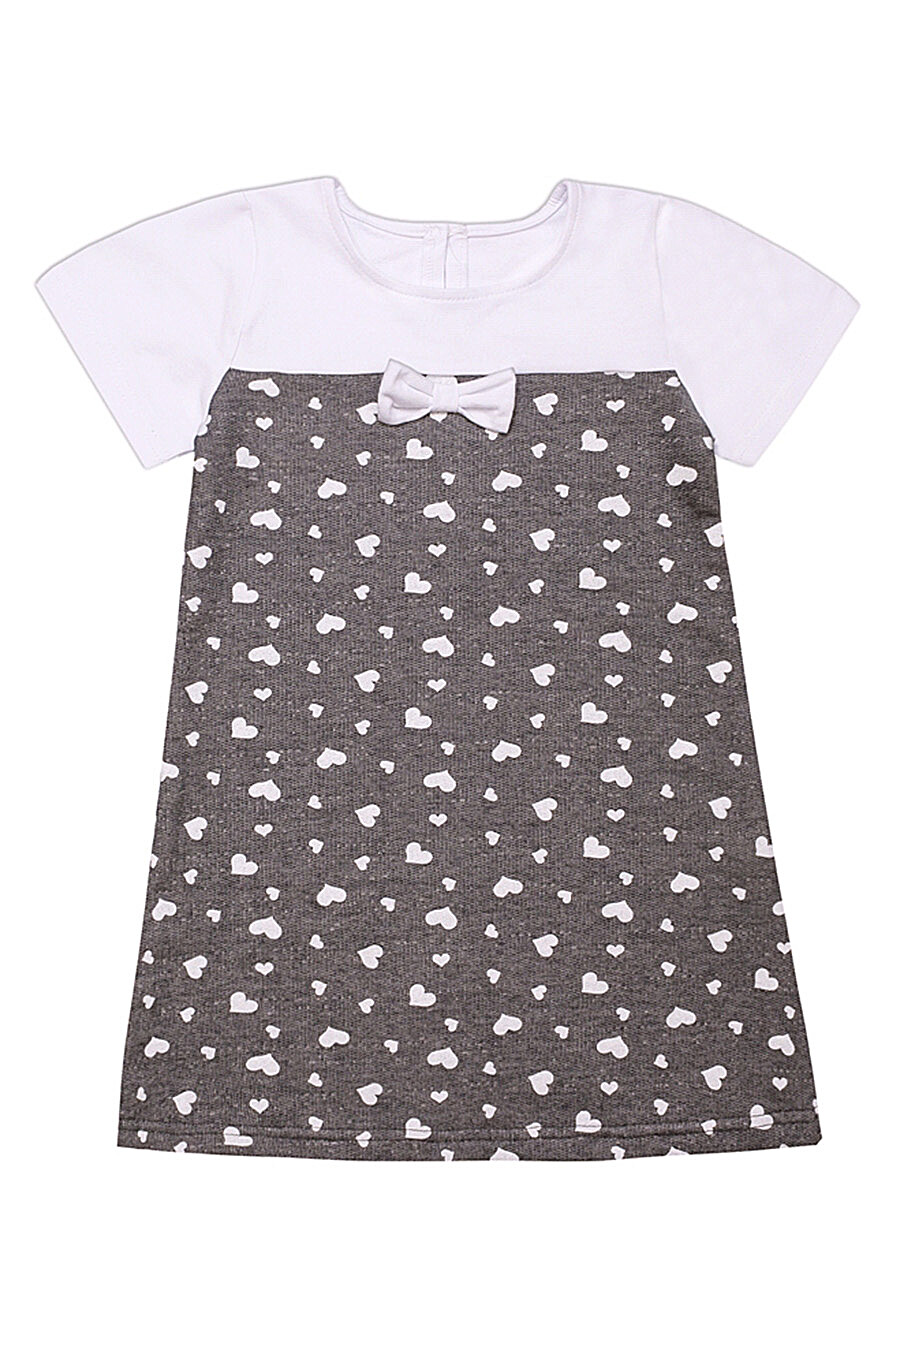 Платье для девочек Archi 131463 купить оптом от производителя. Совместная покупка детской одежды в OptMoyo